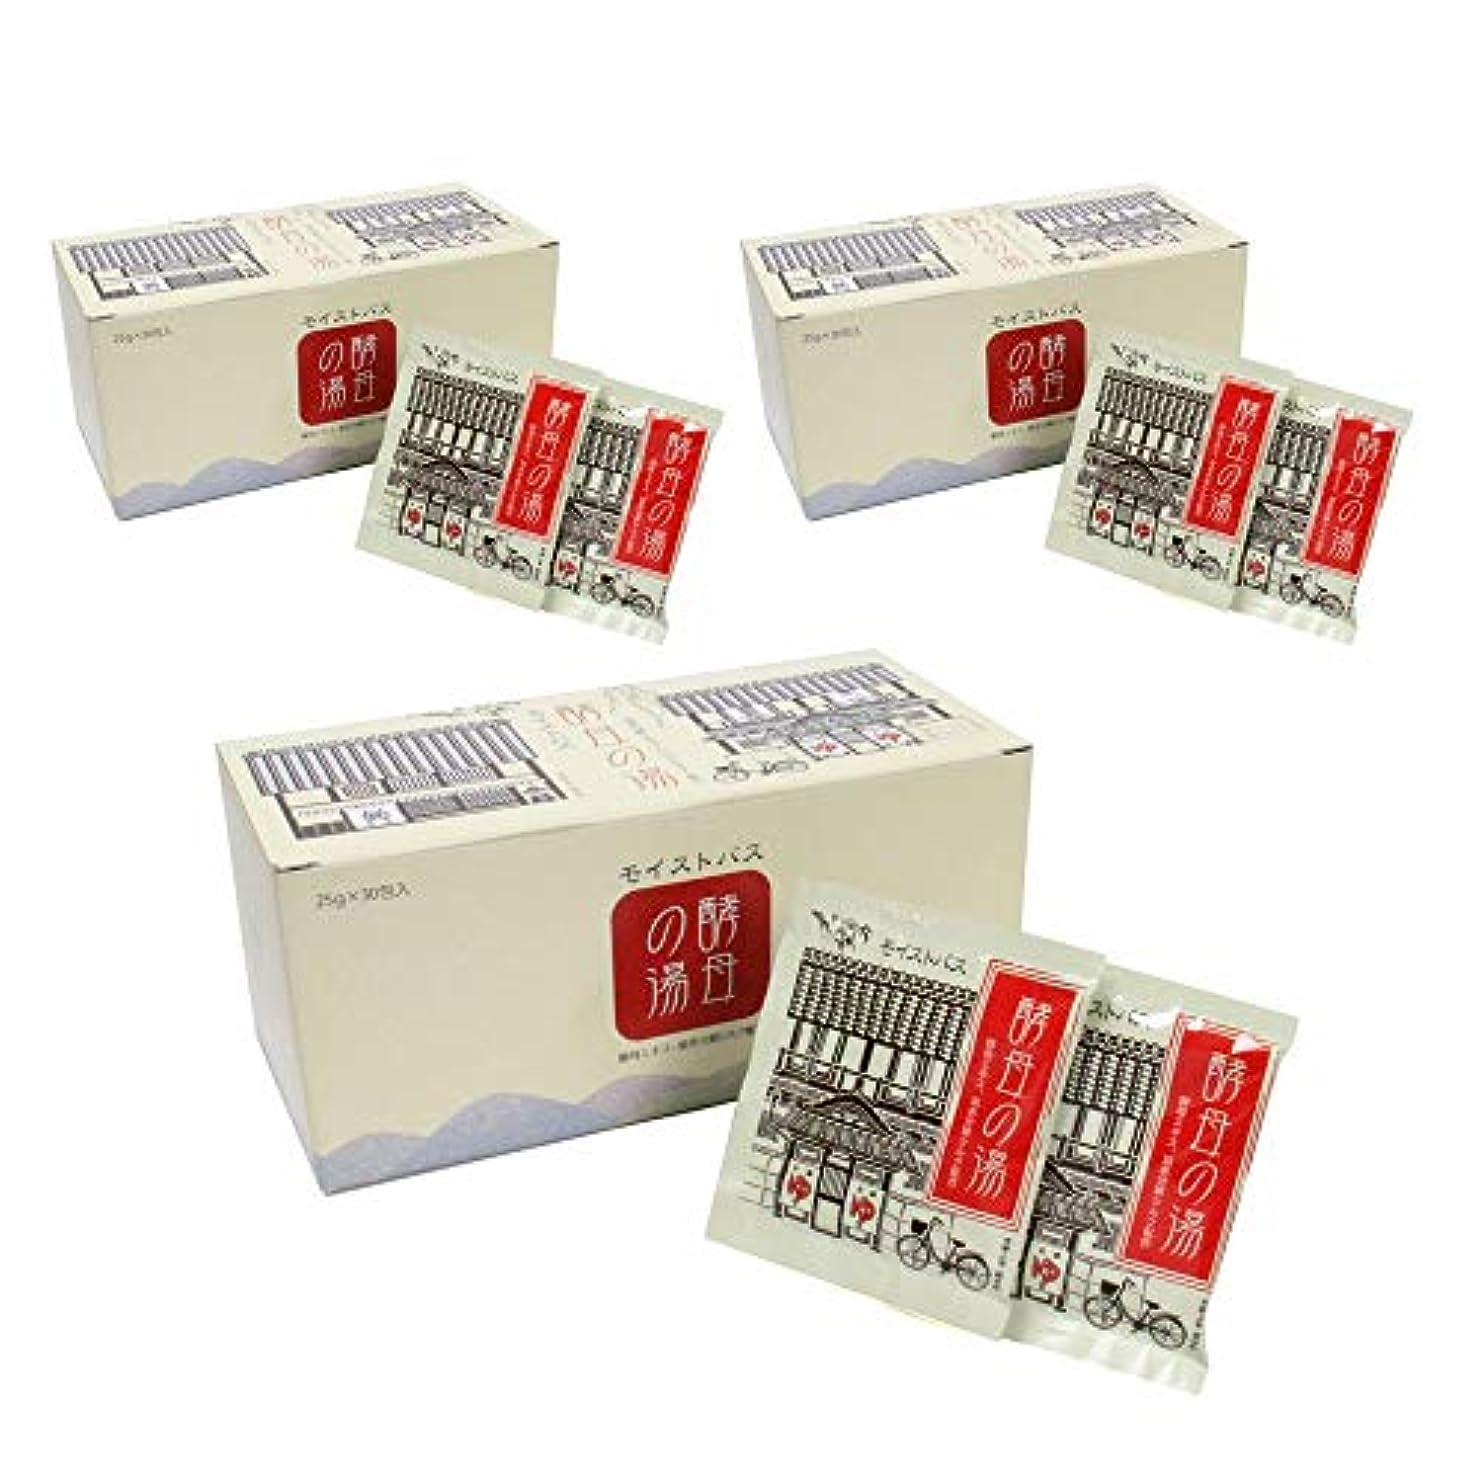 ステレオタイプたぶん力アミノン モイストバス 酵母の湯 25g×30包 (3箱セット)